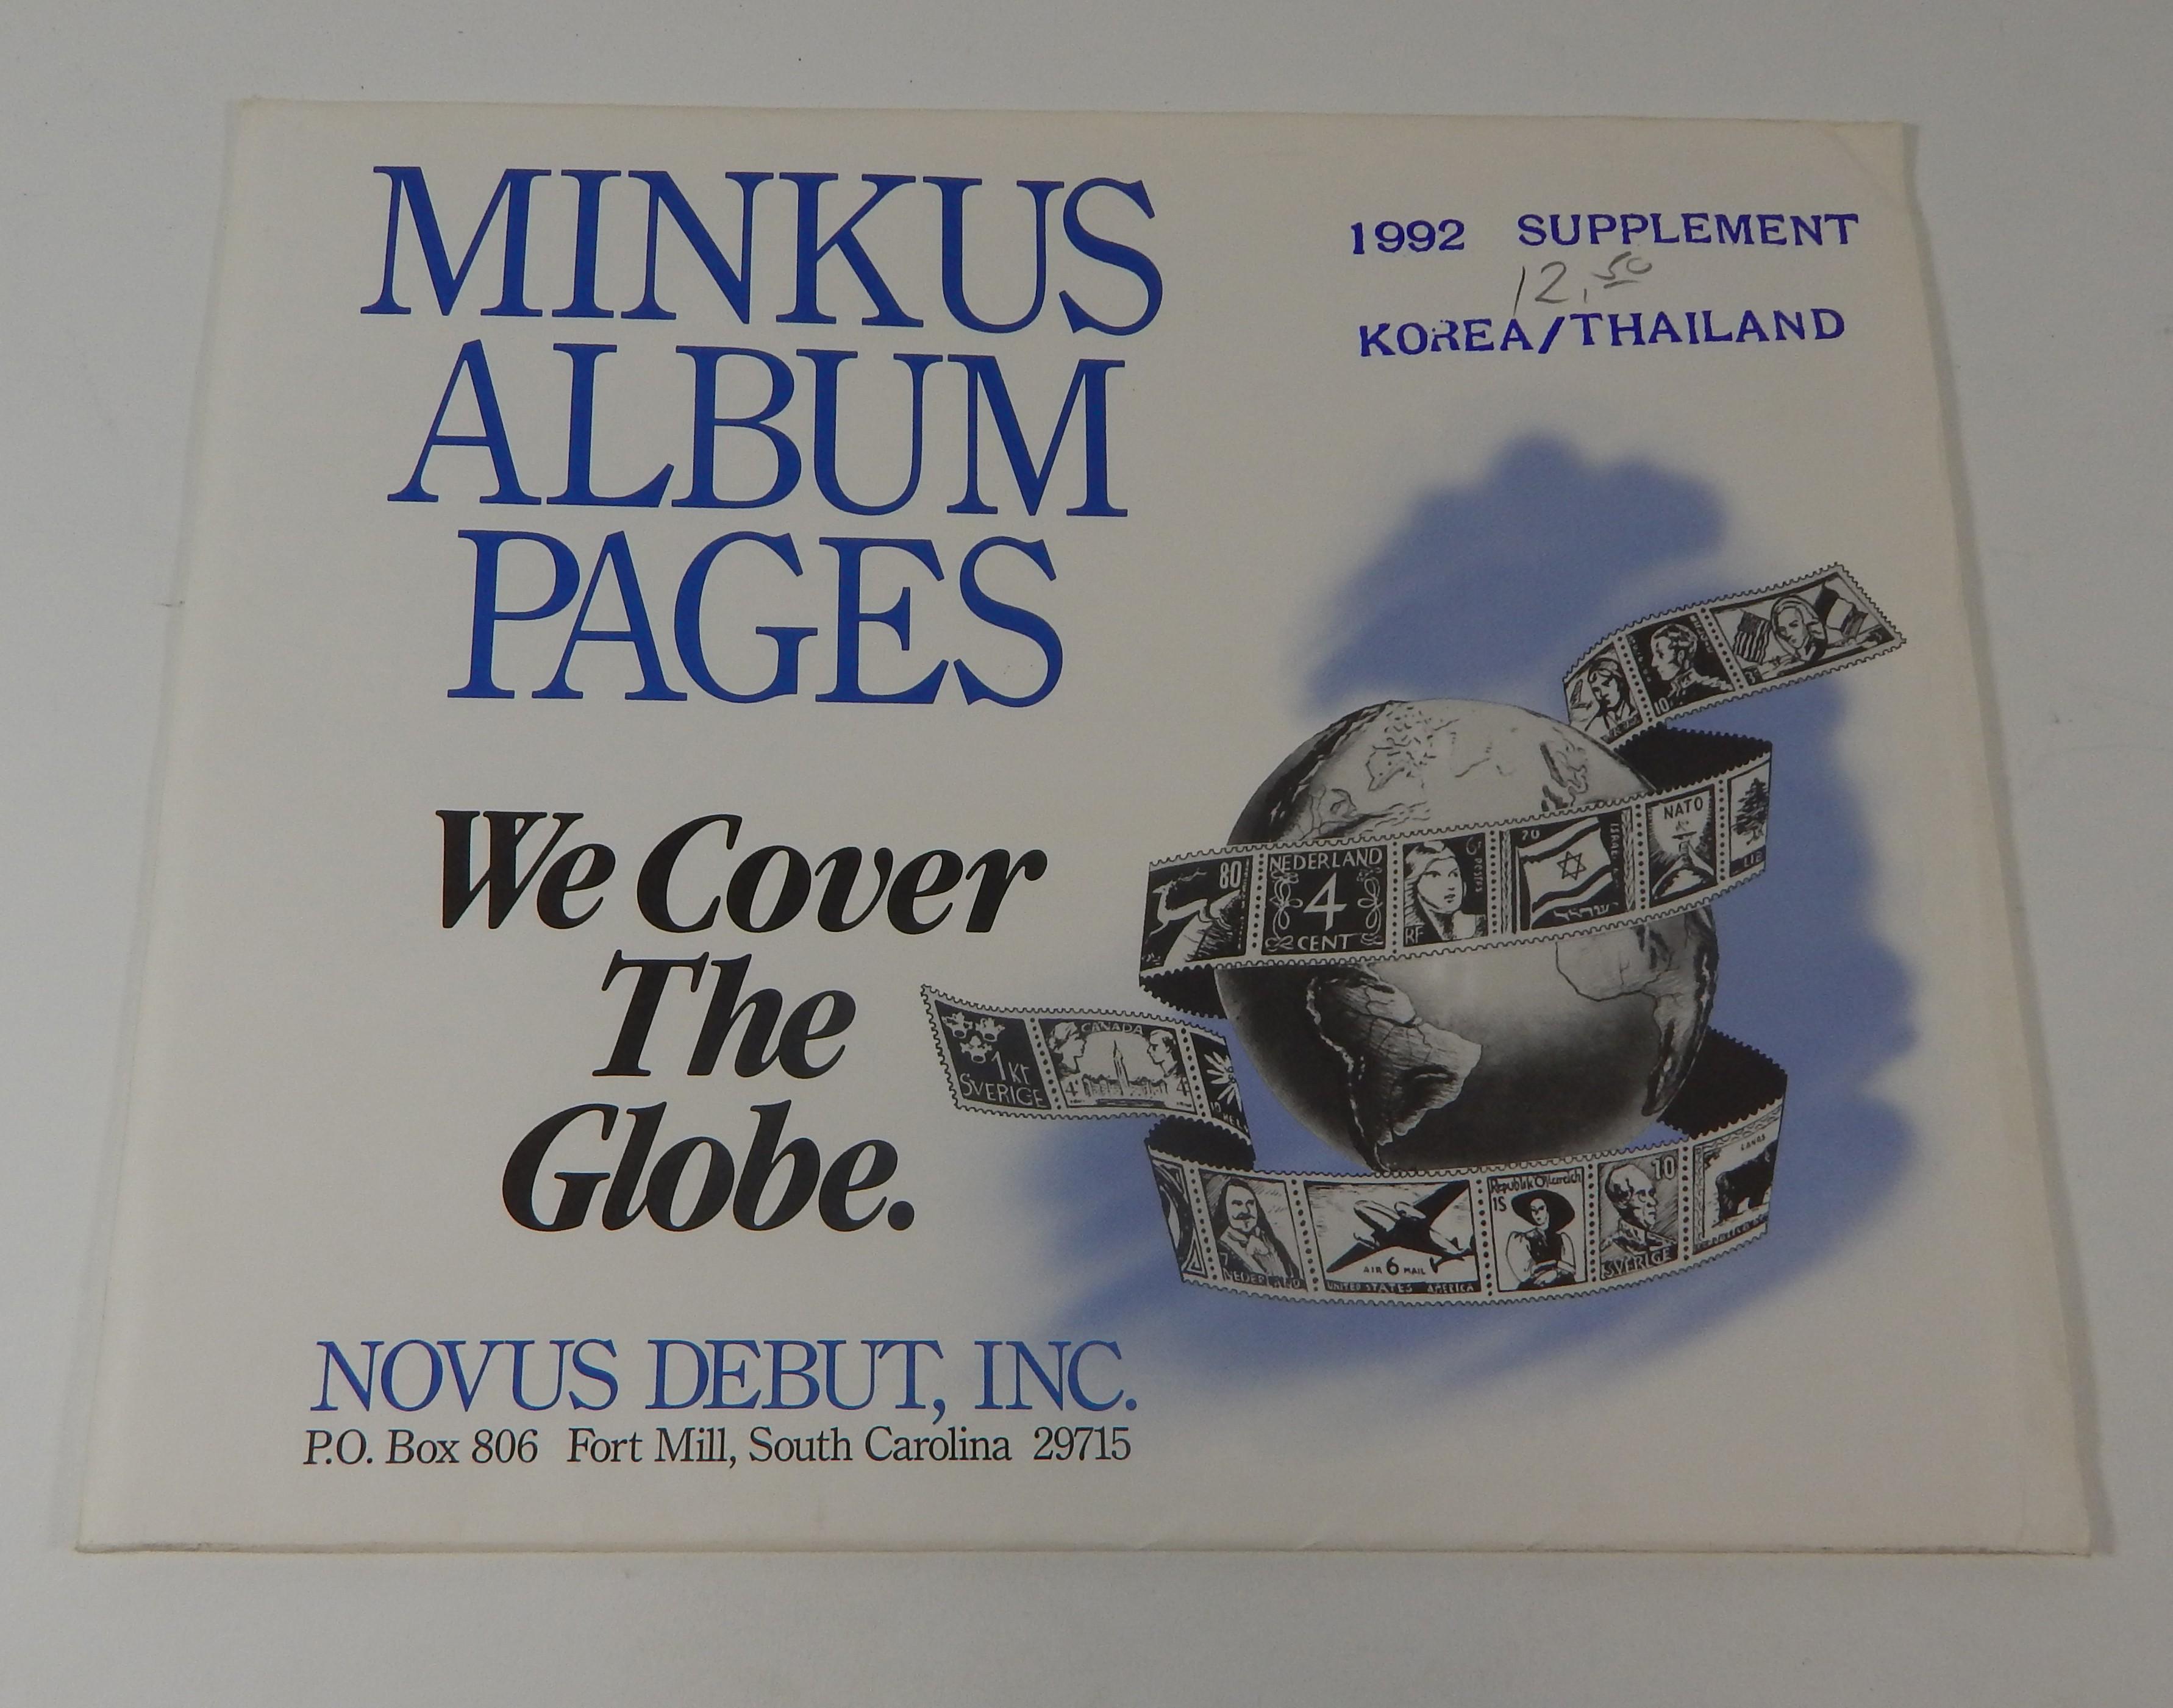 Minkus Korea/Thailand 1992 Supplement Stamp Album Pages | eBay